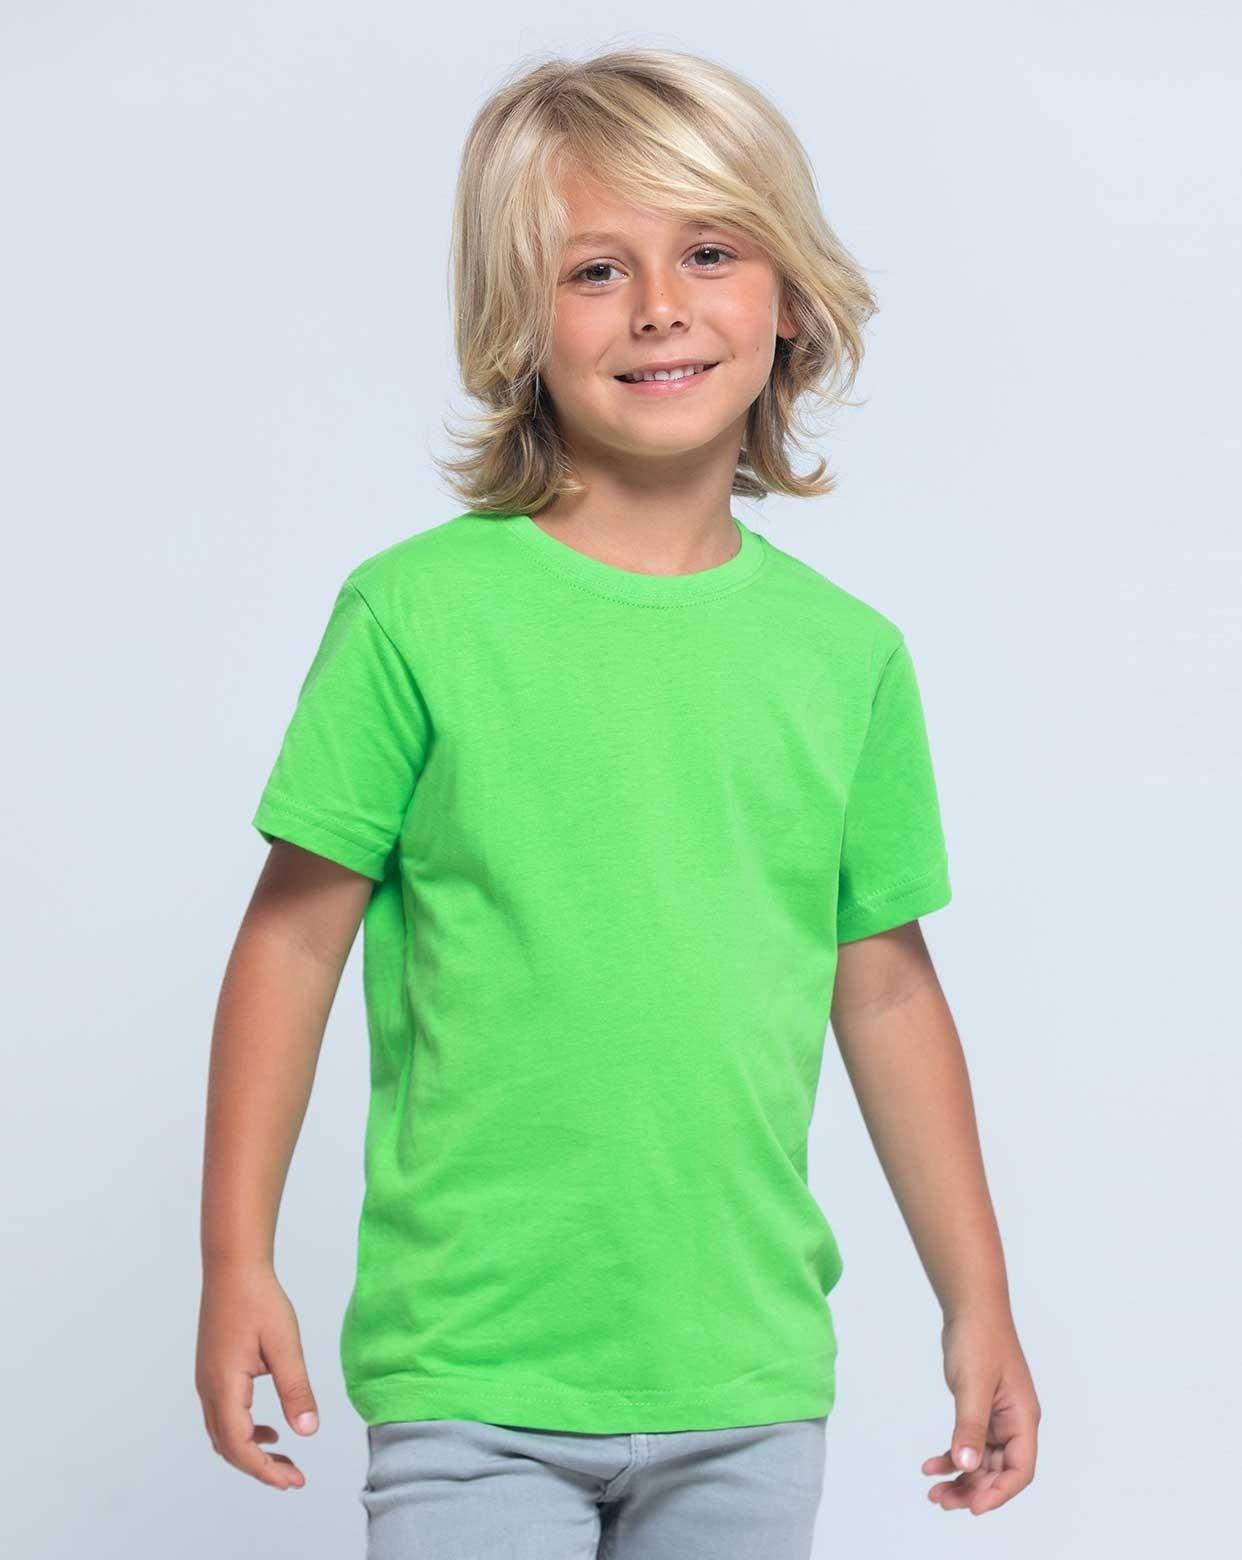 JHK OCEAN KID T-SHIRT